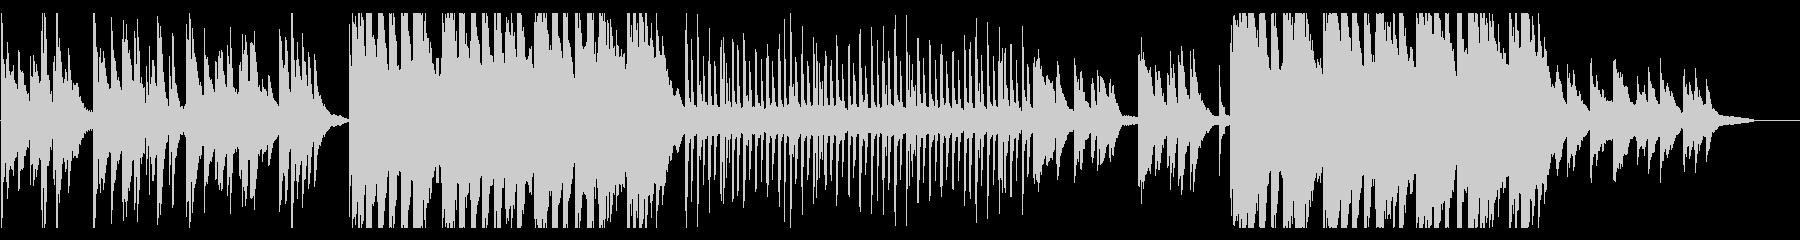 切なさと温かみを感じる和風ピアノBGMの未再生の波形